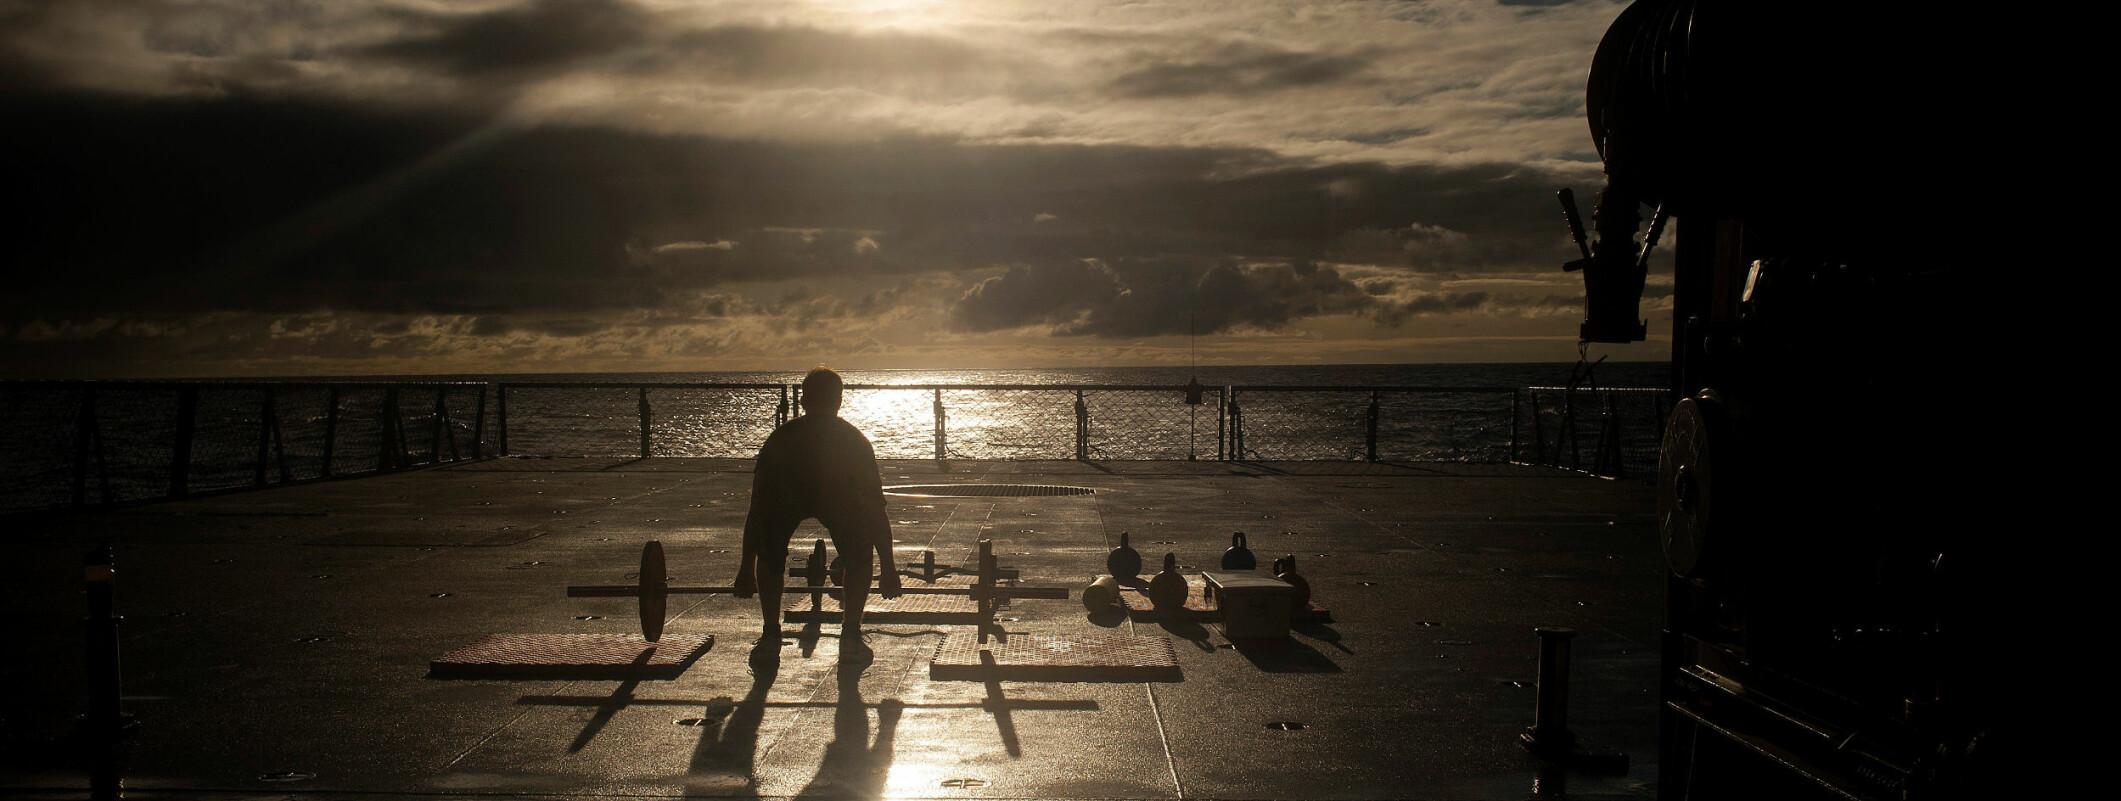 Fra en reportasje om øvelsen Rimpac- rim of the pacific, verdens største marineøvelse i havområdene rundt øygruppen Hawaii i Stillehavet. Norge deltok for første gang med fregatten KNM Fridtjof Nansen og seilte sammen med 48 andre fartøy, seks undervannsbåter og 200 fly og helikoptre. I alt 25000 personer deltok i øvelsen.